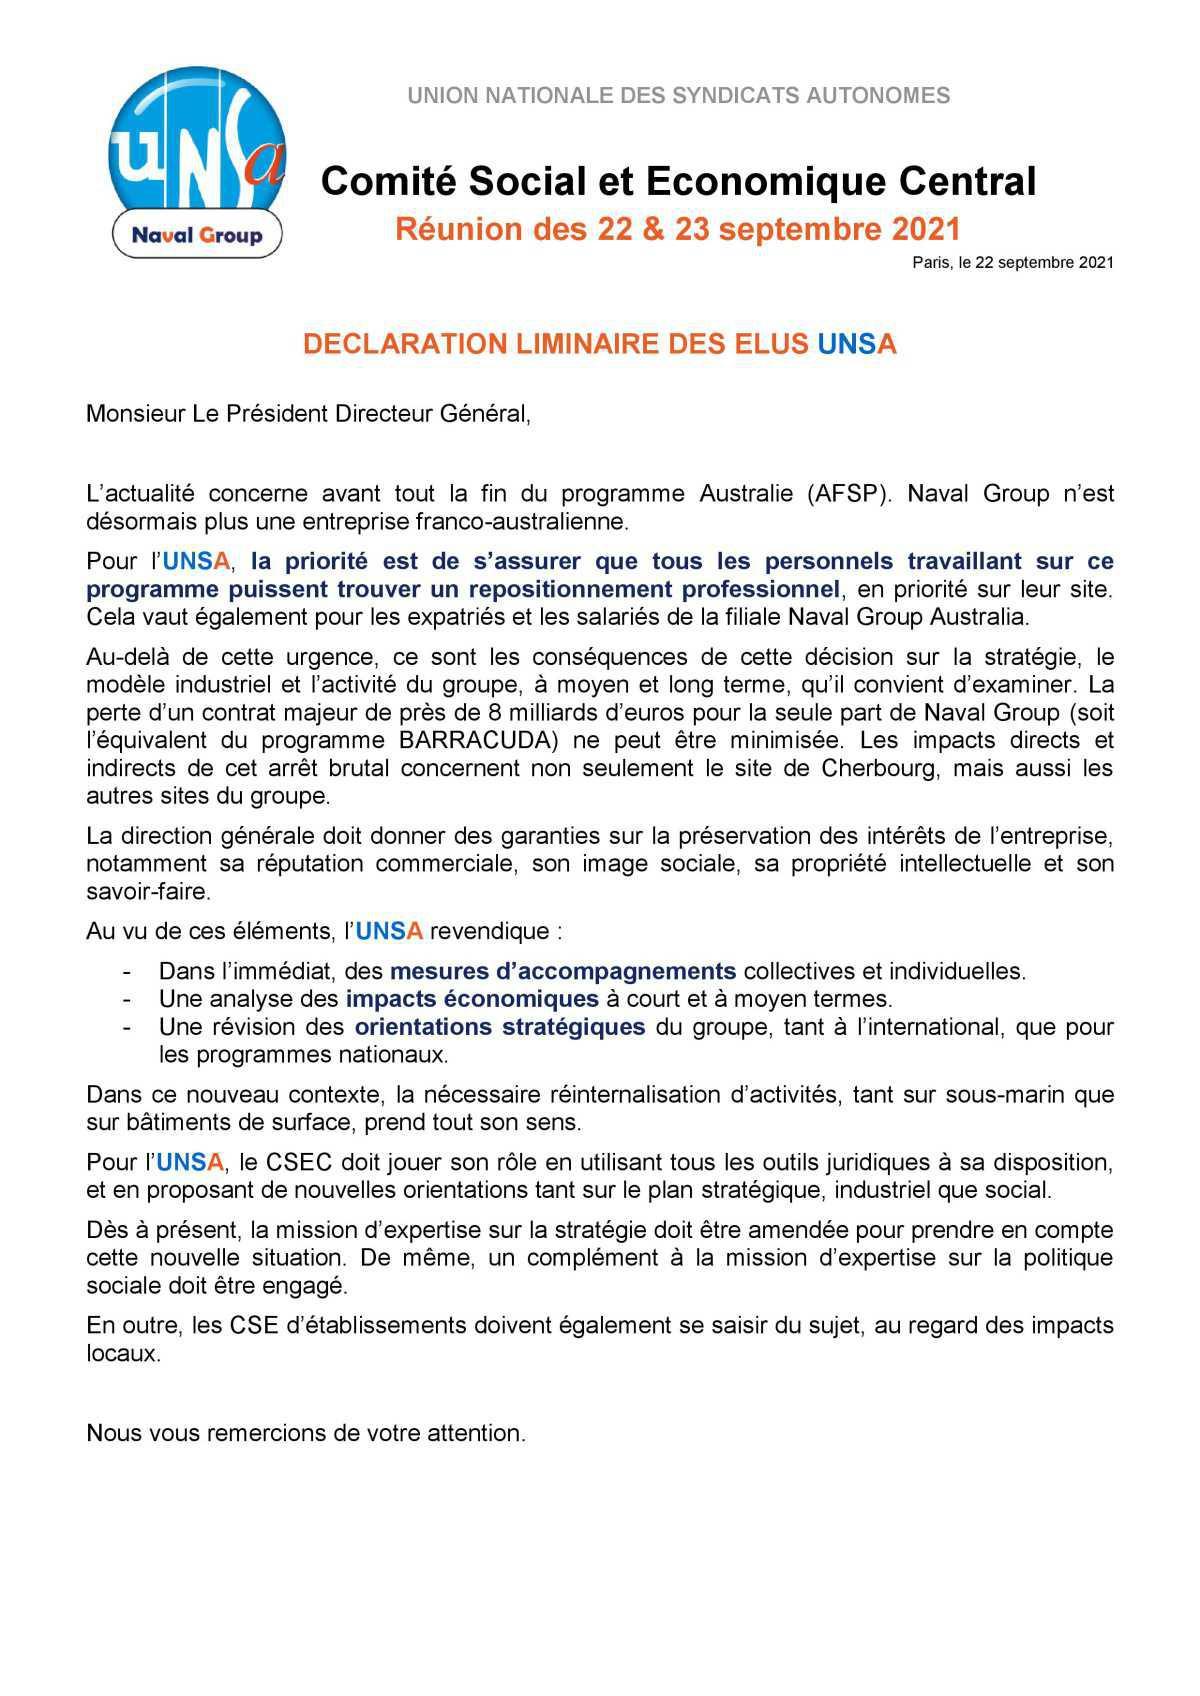 Réunion du 22 septembre 2021 - Déclaration liminaire